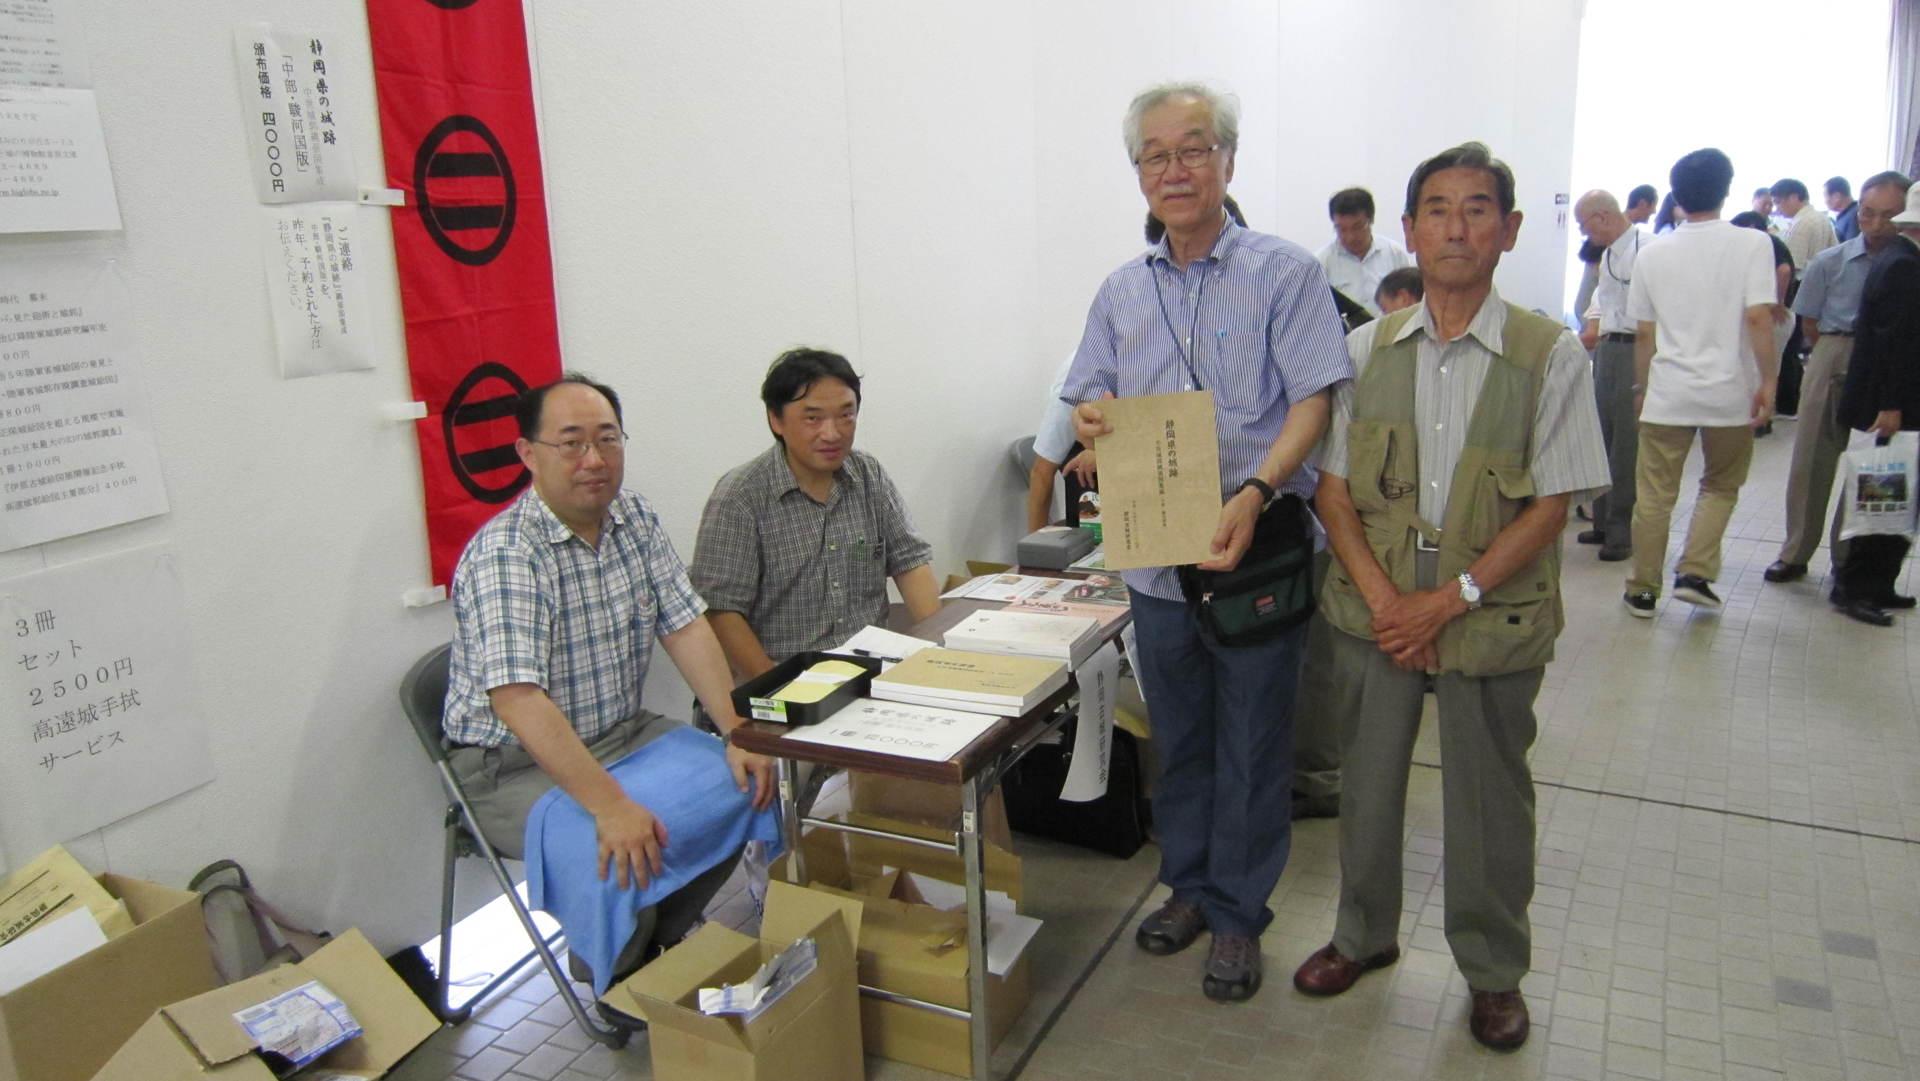 第29回全国城郭研究者セミナー に参加しました - 静岡古城研究会会長 ...